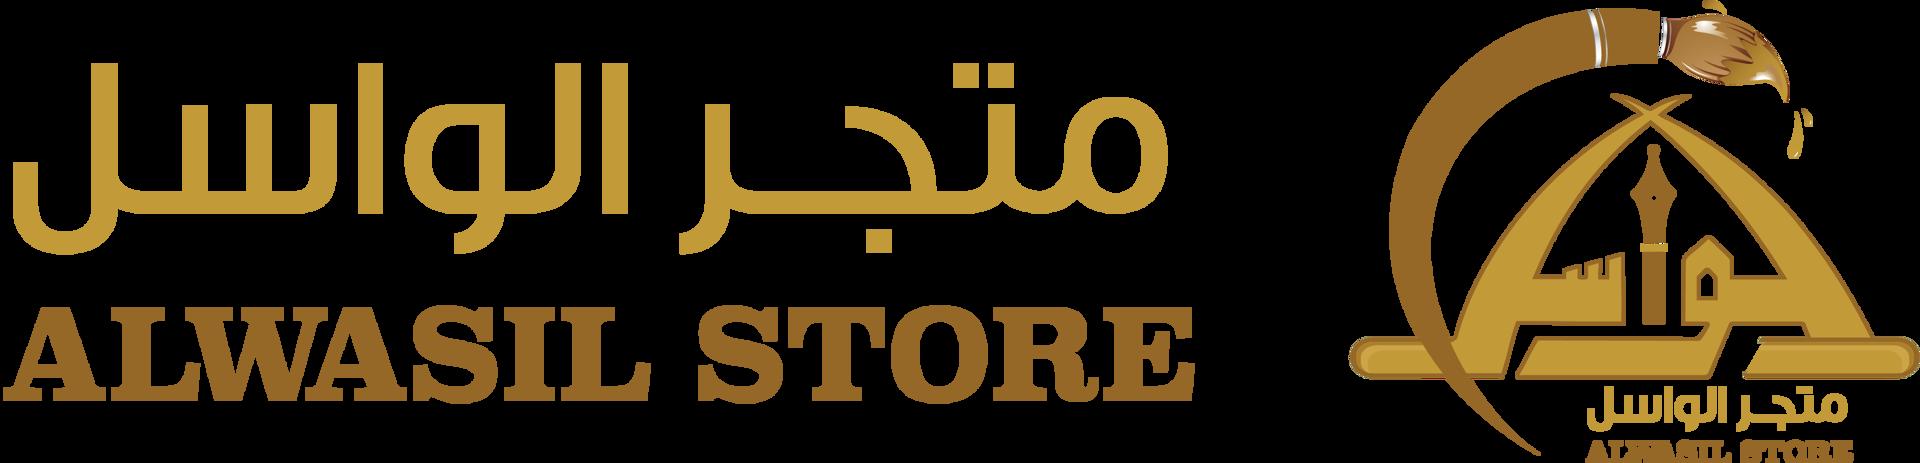 متجر الواسل